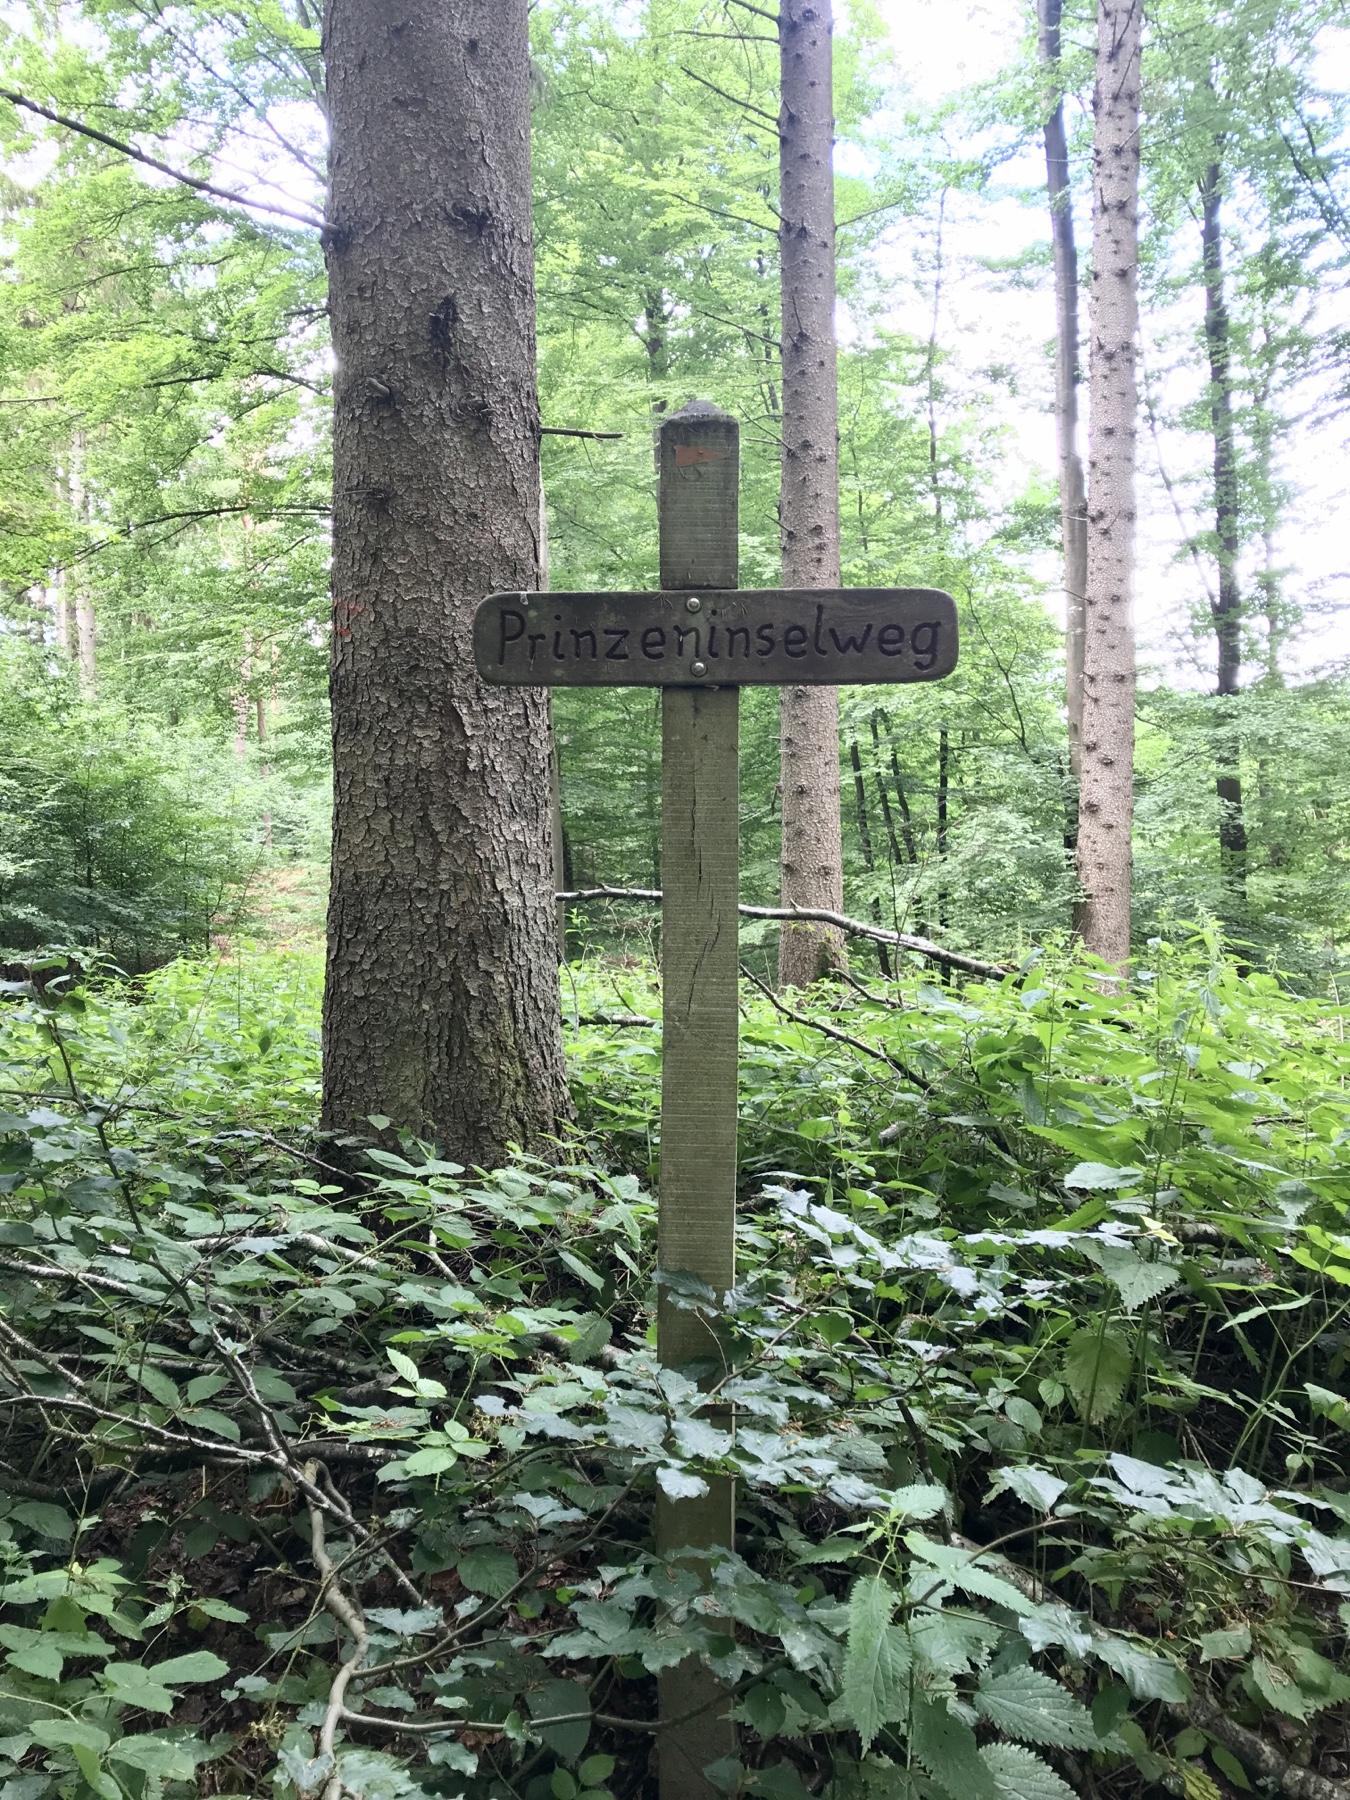 Wegweiser Prinzeninselweg im Wald vor Grabau, Stormarnweg Etappe 4 von Bargteheide nach Nütschau